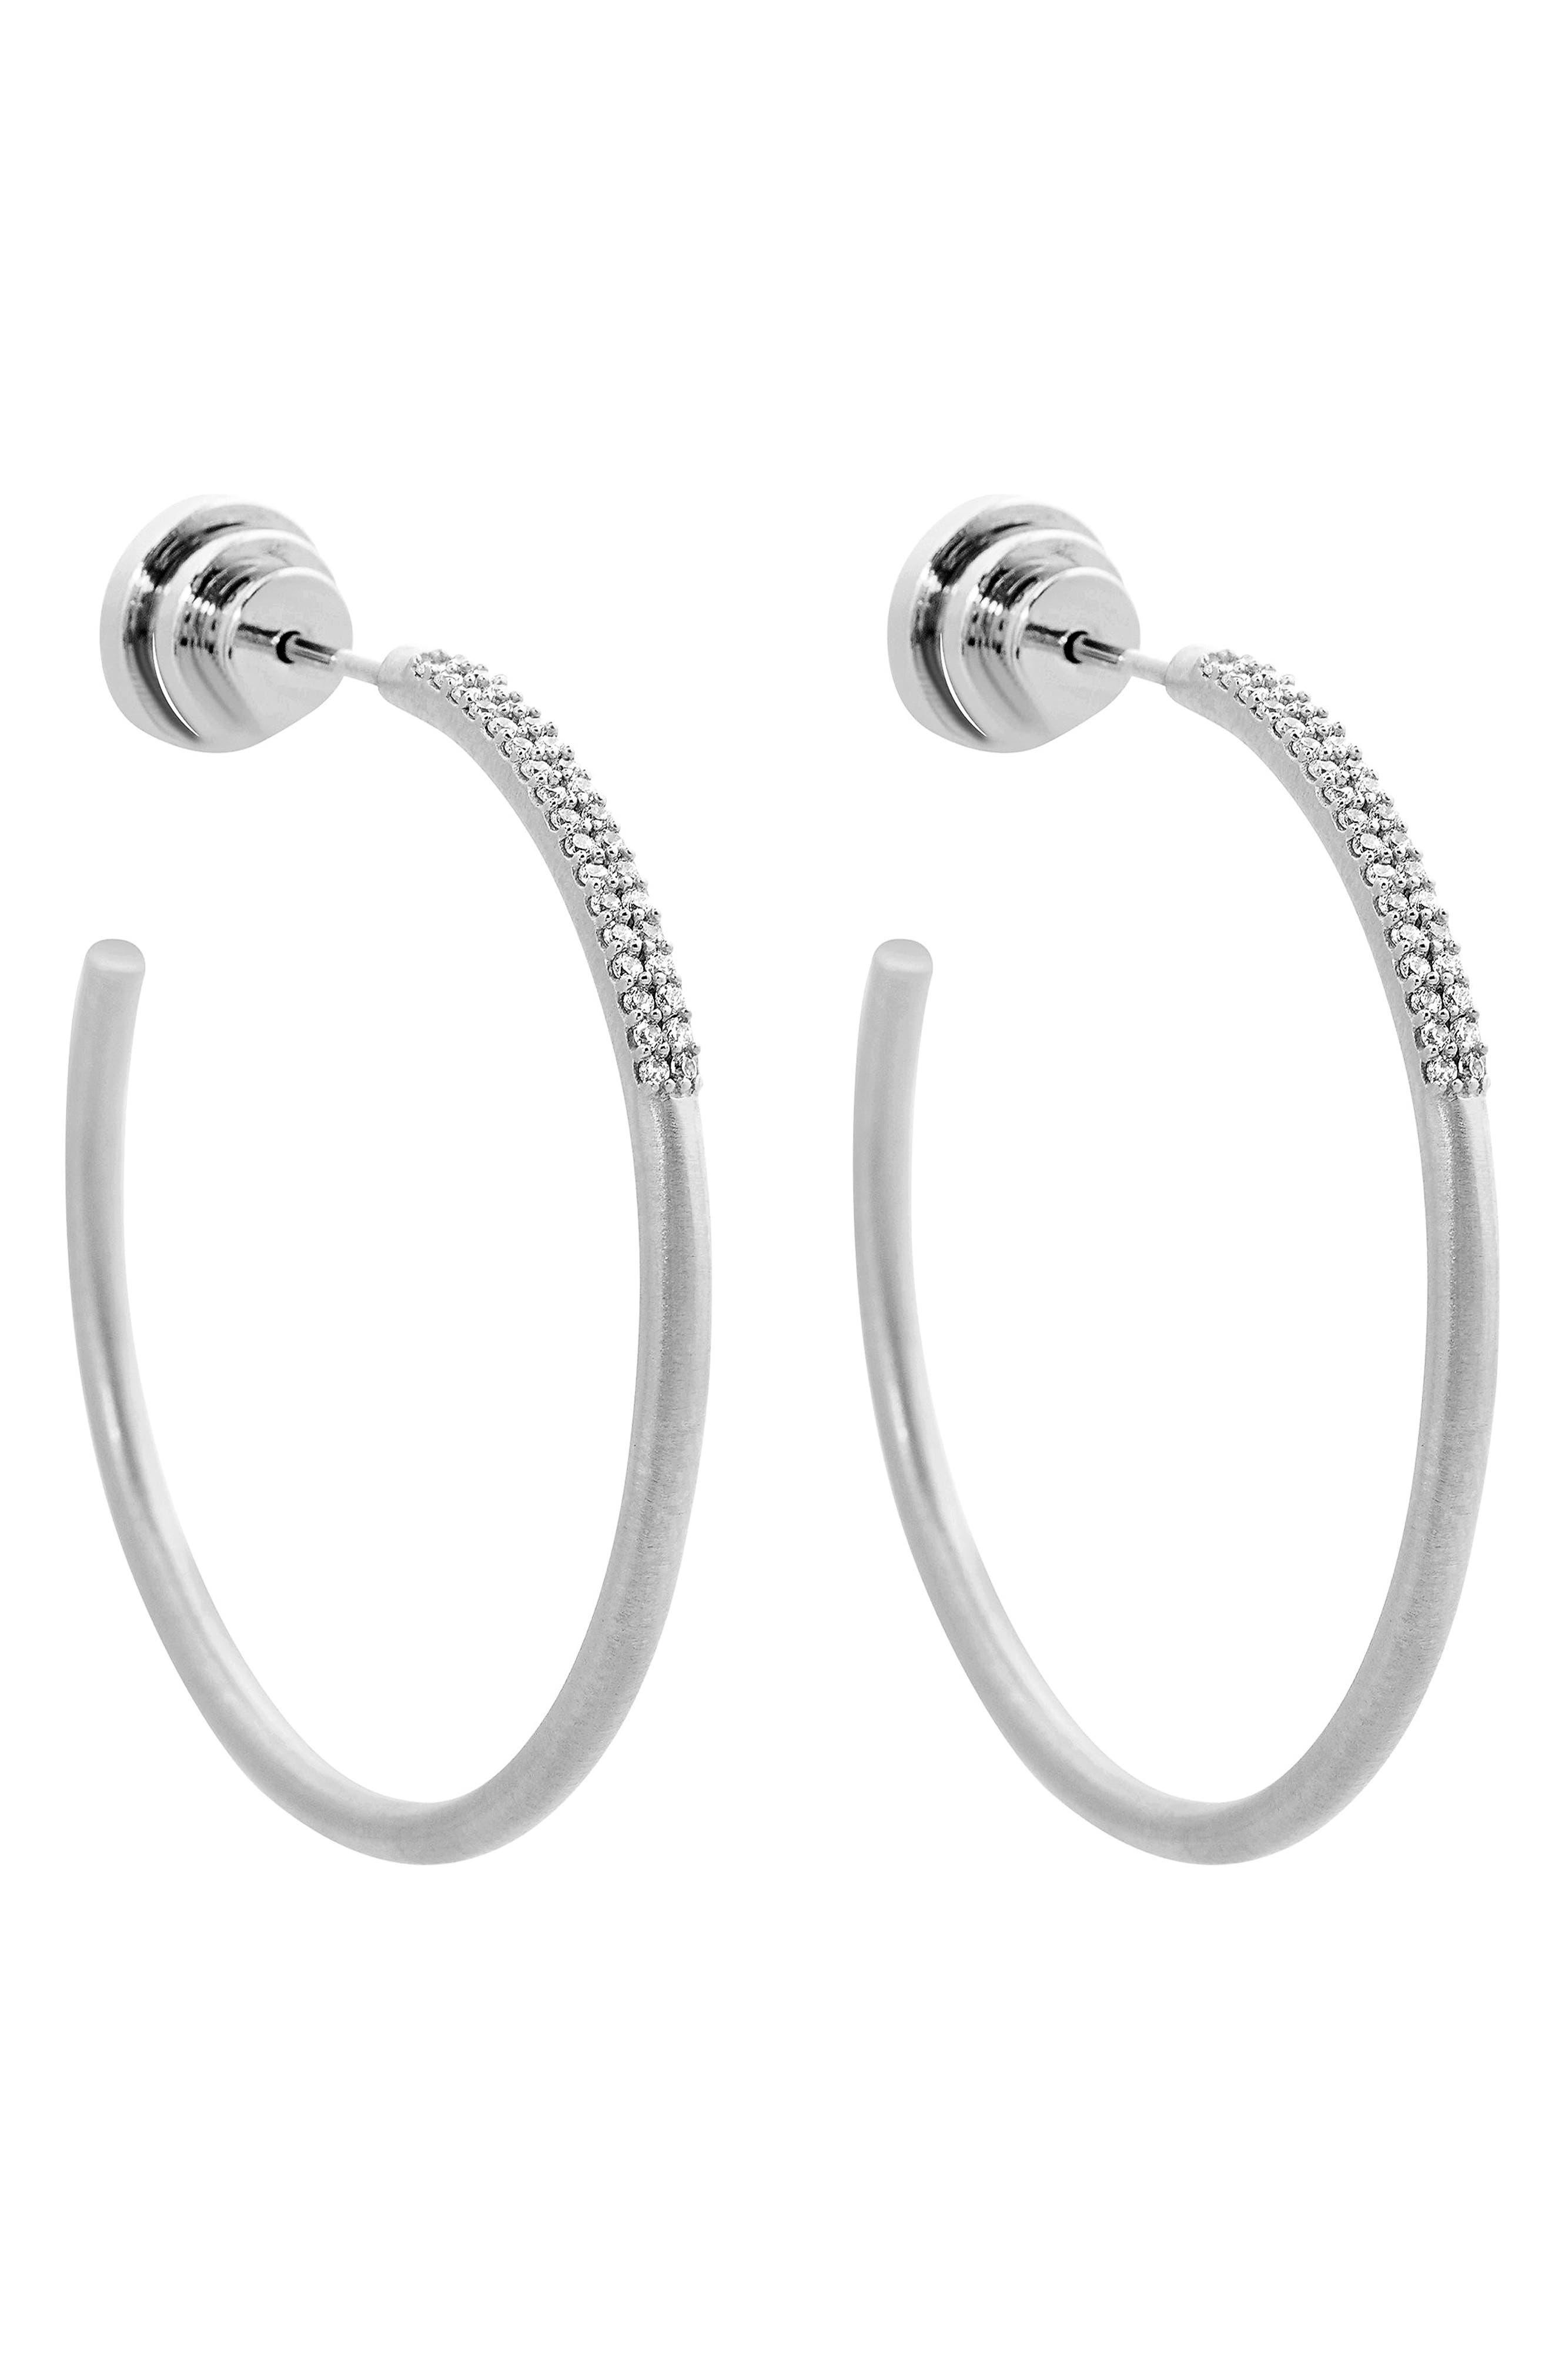 Signature Pave Hoop Earrings